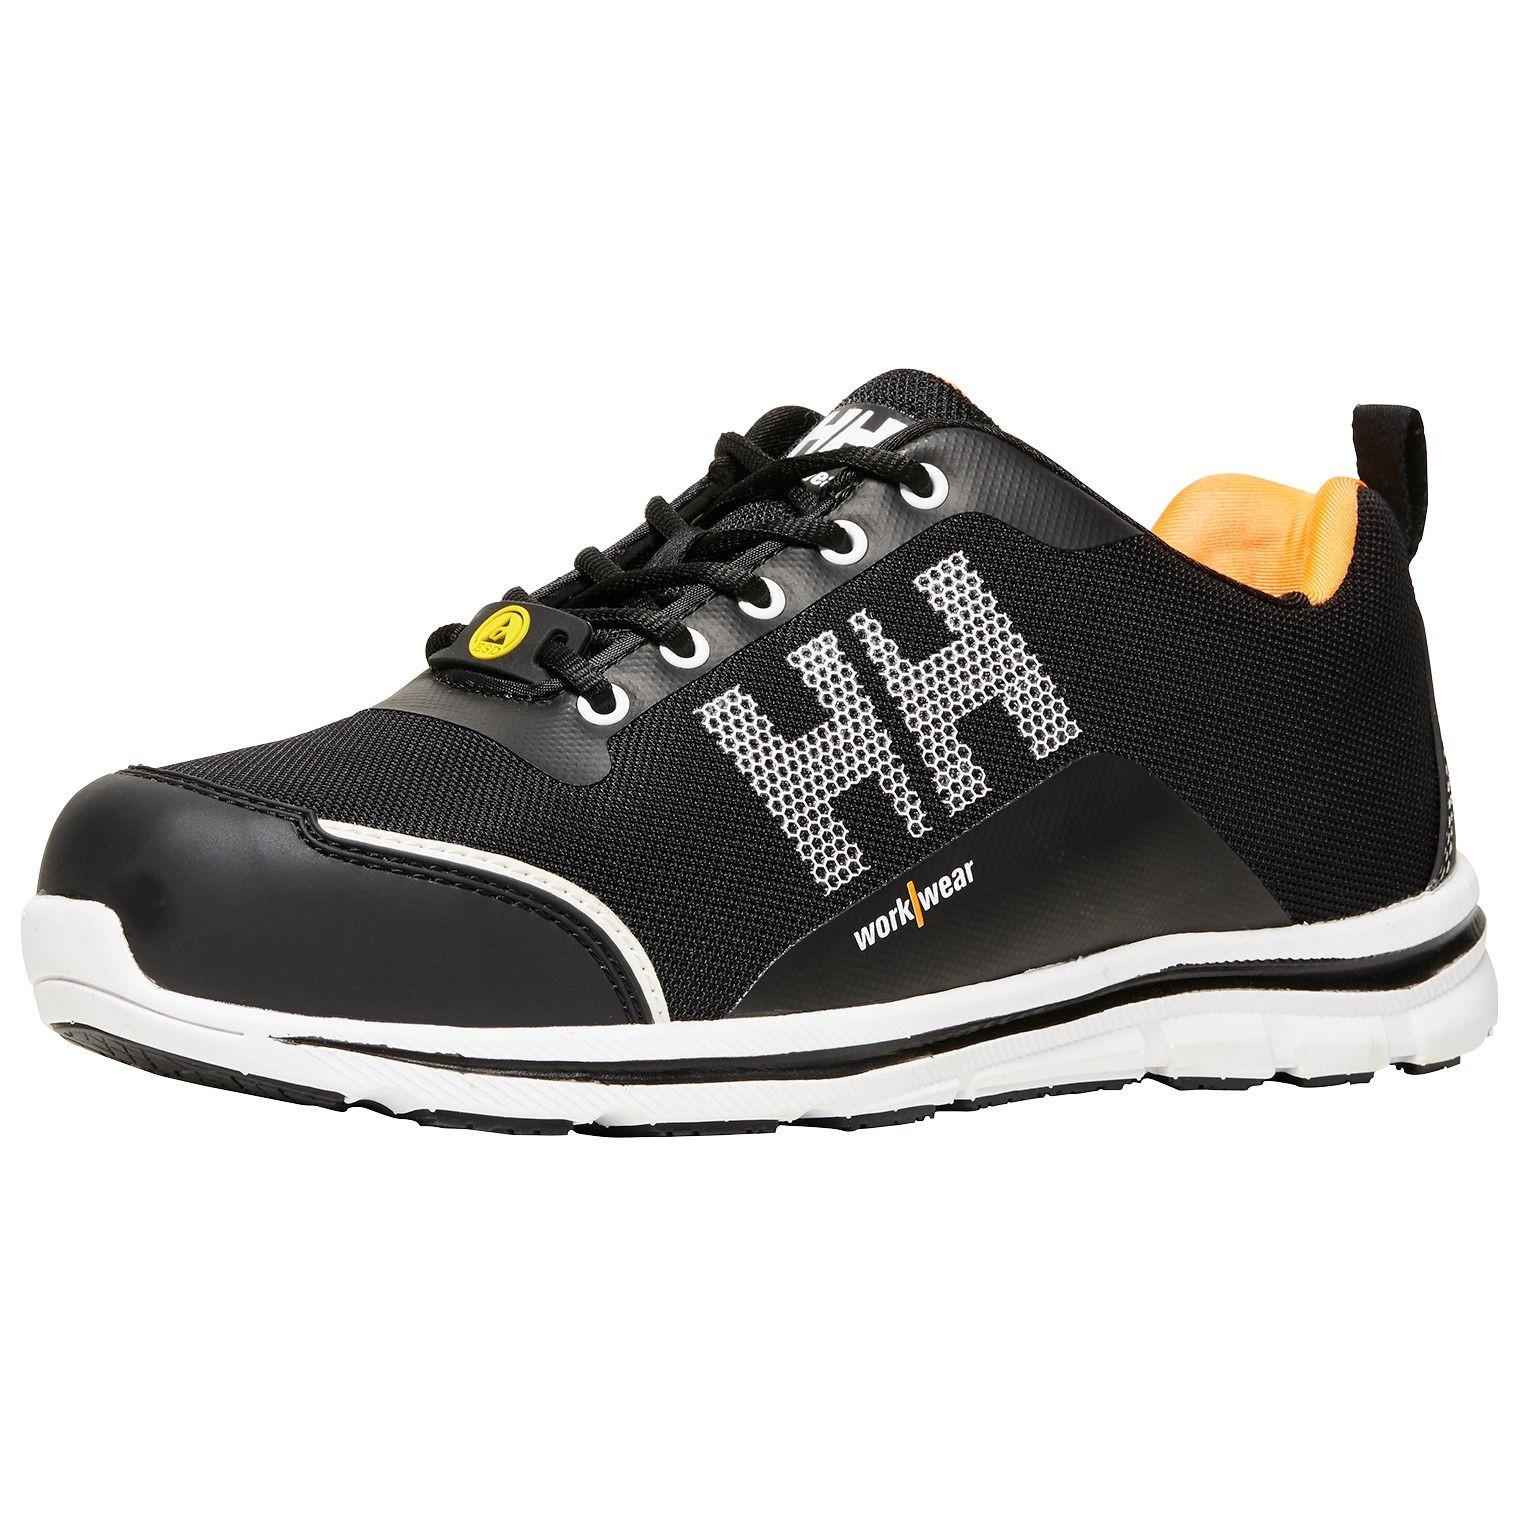 Кроссовки Helly Hansen Oslo Low - 78225 (Black / Orange; 44)